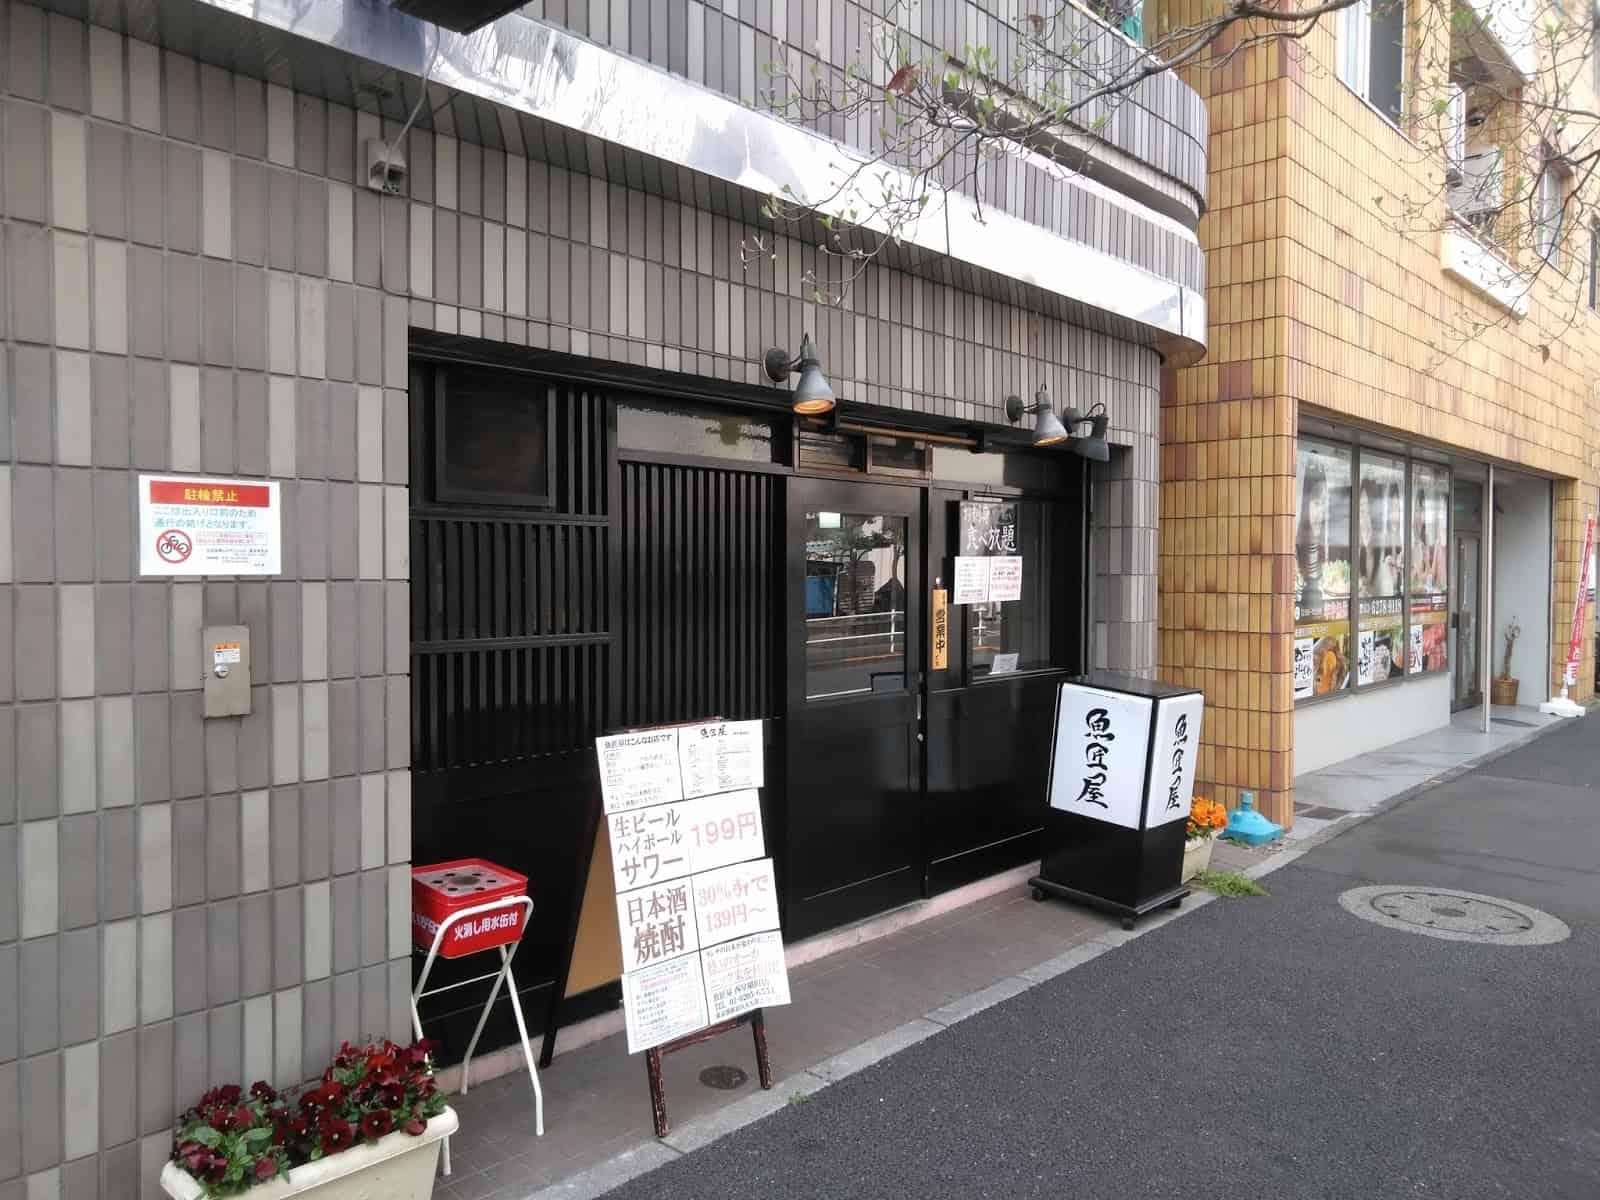 ร้านบุฟเฟ่ต์ซาชิมิโตเกียวเกียว - โชยะ สาขานิชิวาเซดะ (Gyoshoya Nishiwaseda-ten : 魚匠屋 西早稲田店)